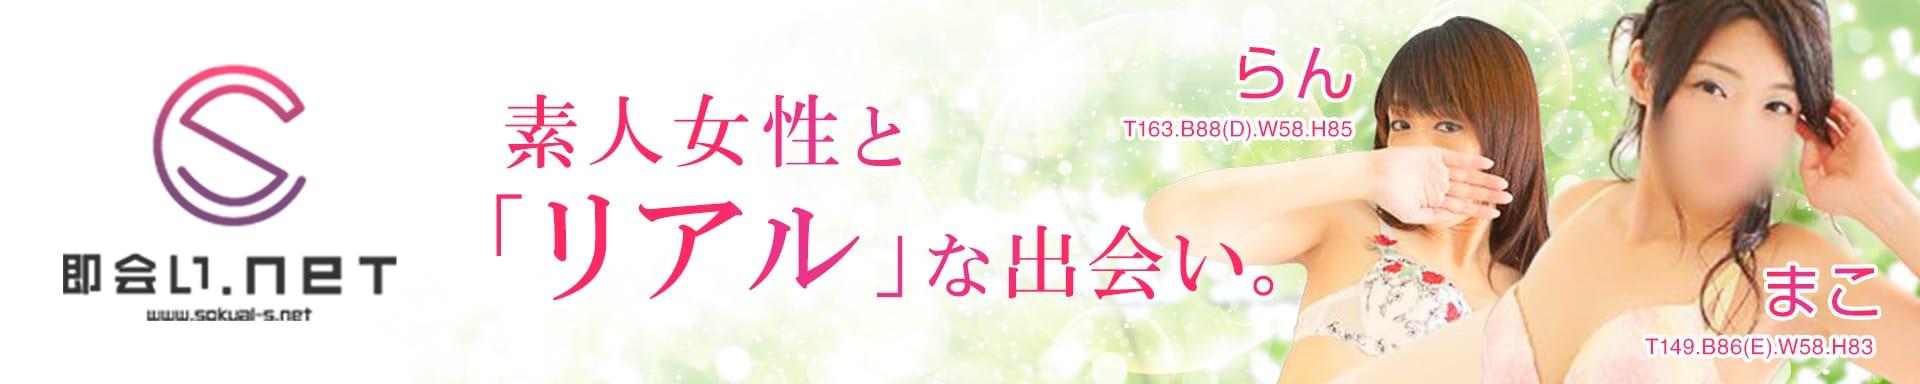 即会い.net 奥様 札幌 その2